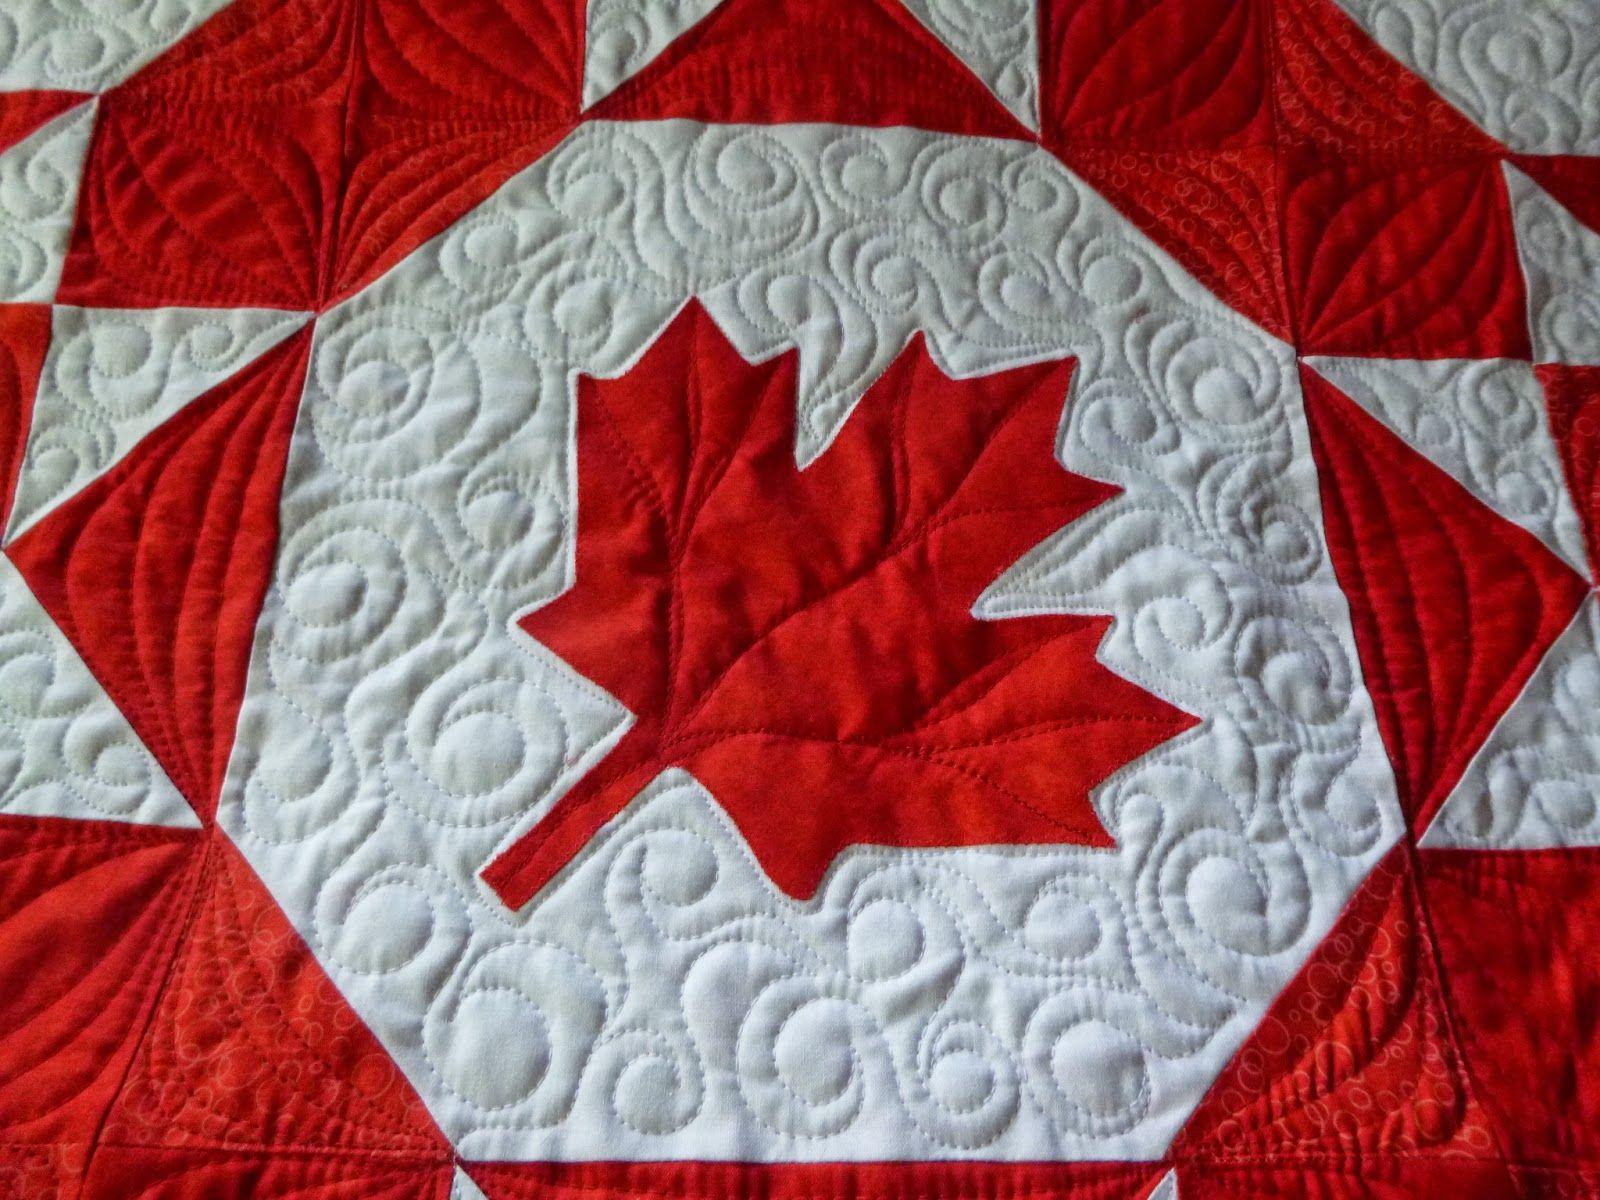 maple leaf quilt - Google Search | O Canada | Pinterest | Barn ... : canada quilt - Adamdwight.com